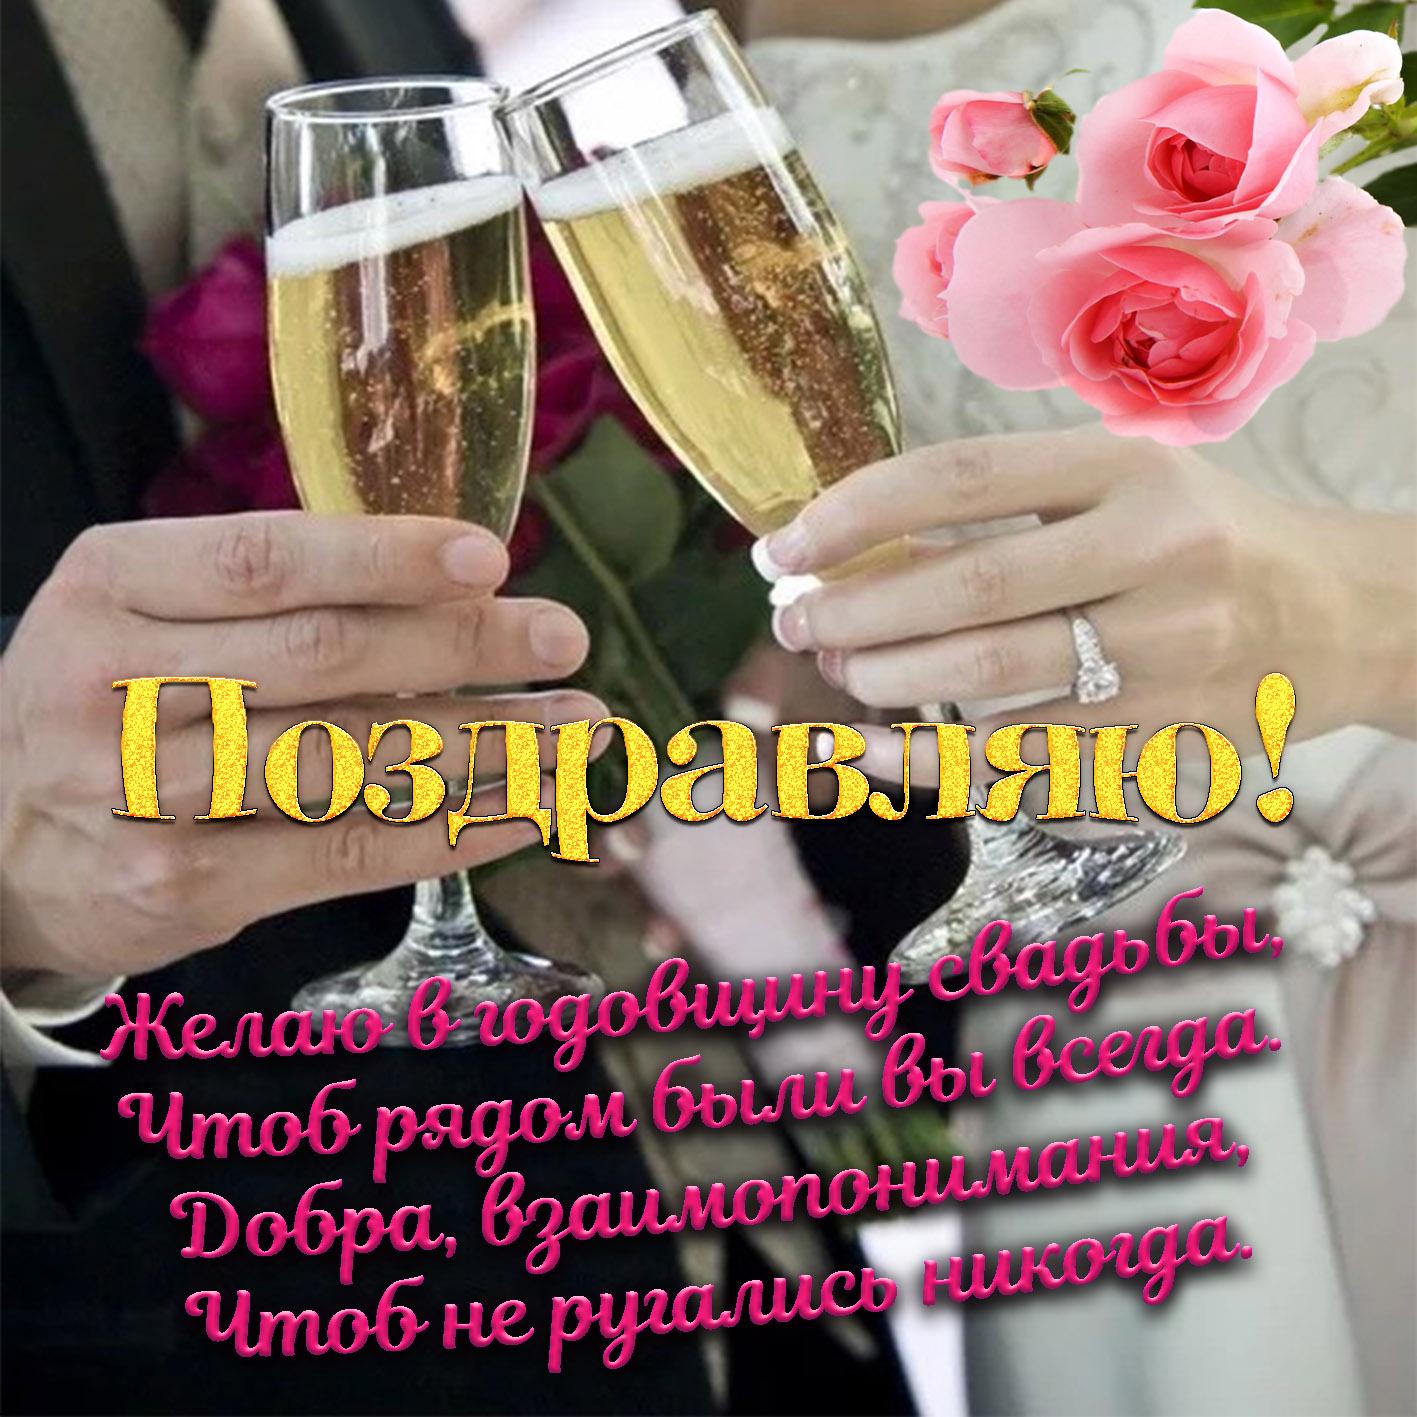 Поздравление с юбилеем свадьбы 32 года